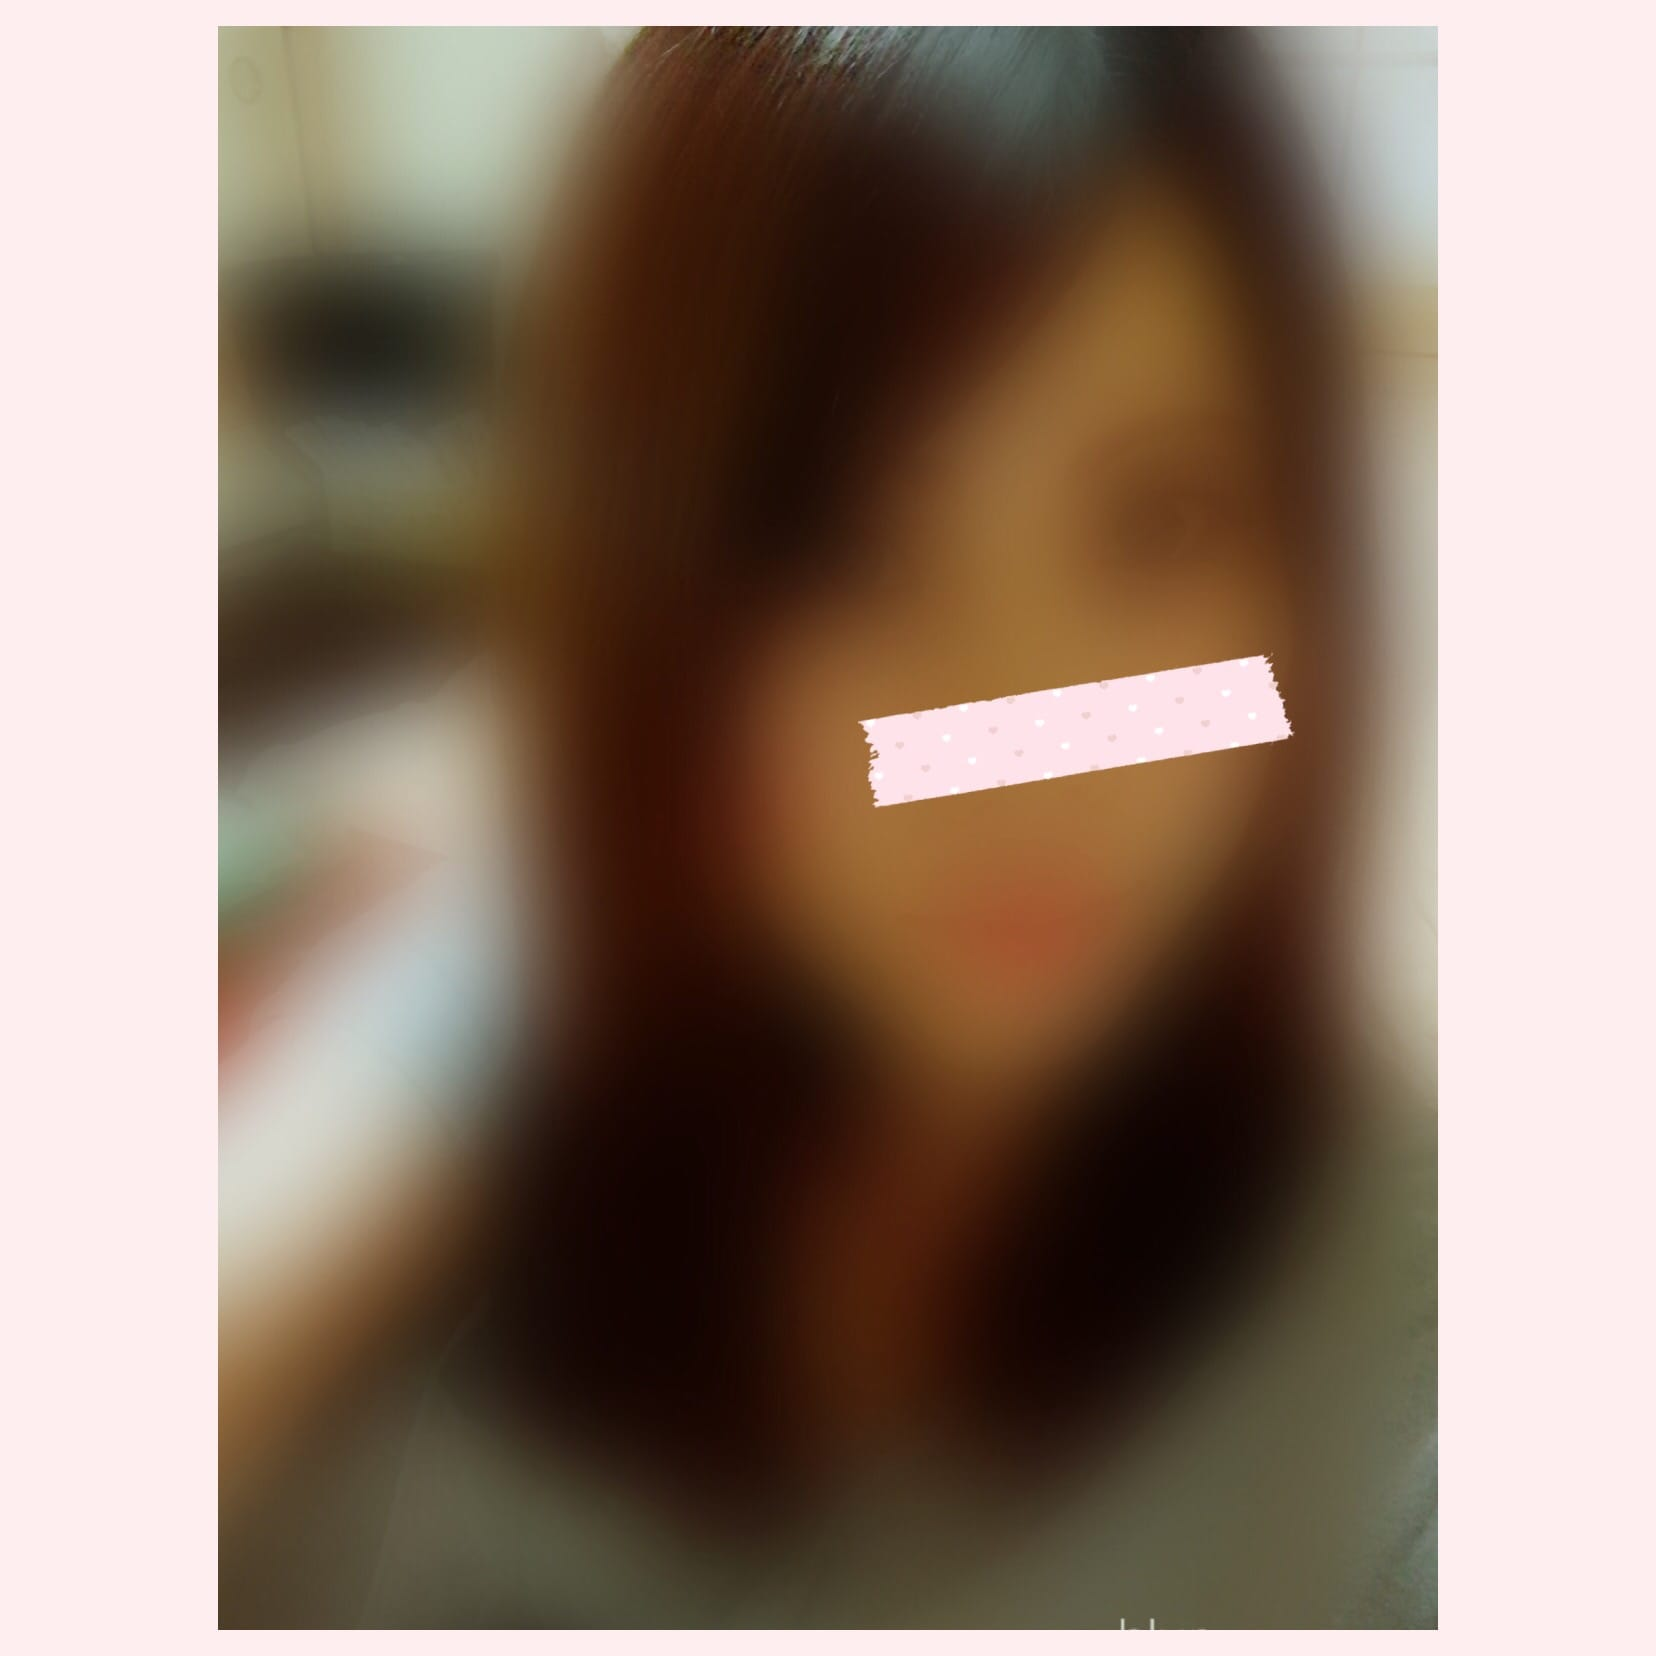 「お久しぶりです」05/07(月) 21:42 | なつみ の写メ・風俗動画